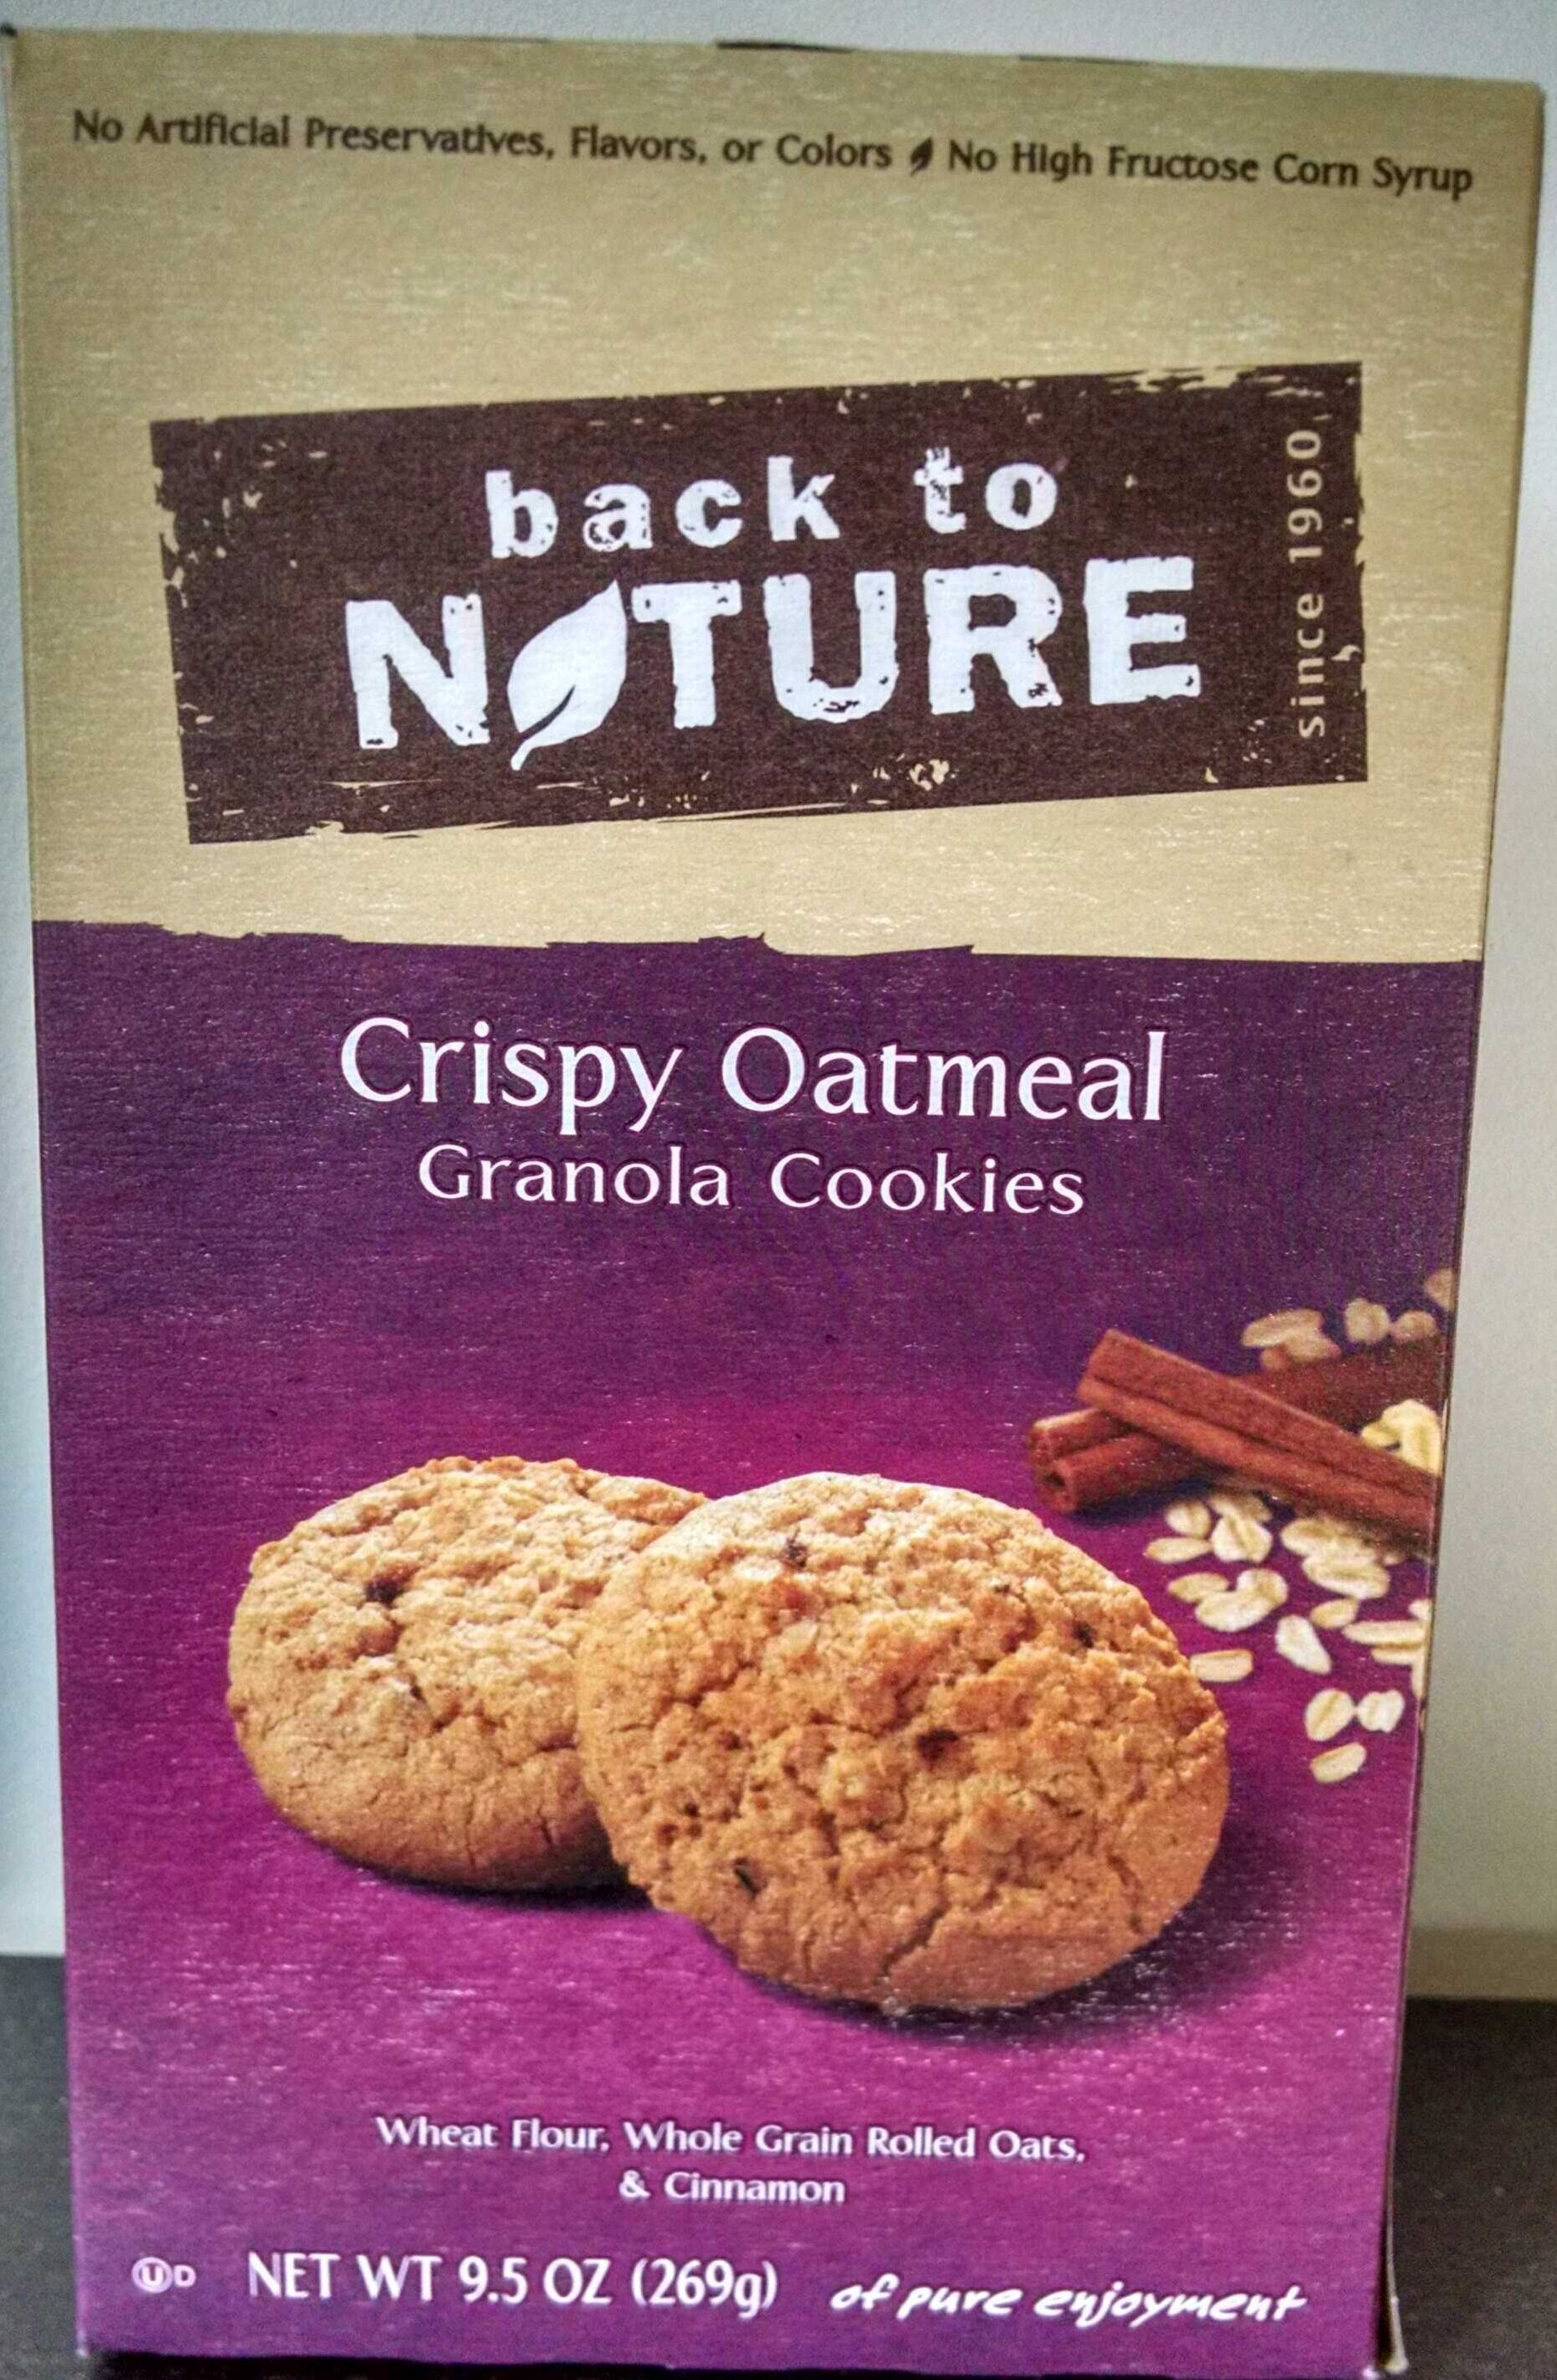 Crispy Oatmeal Granola Cookies - Product - en